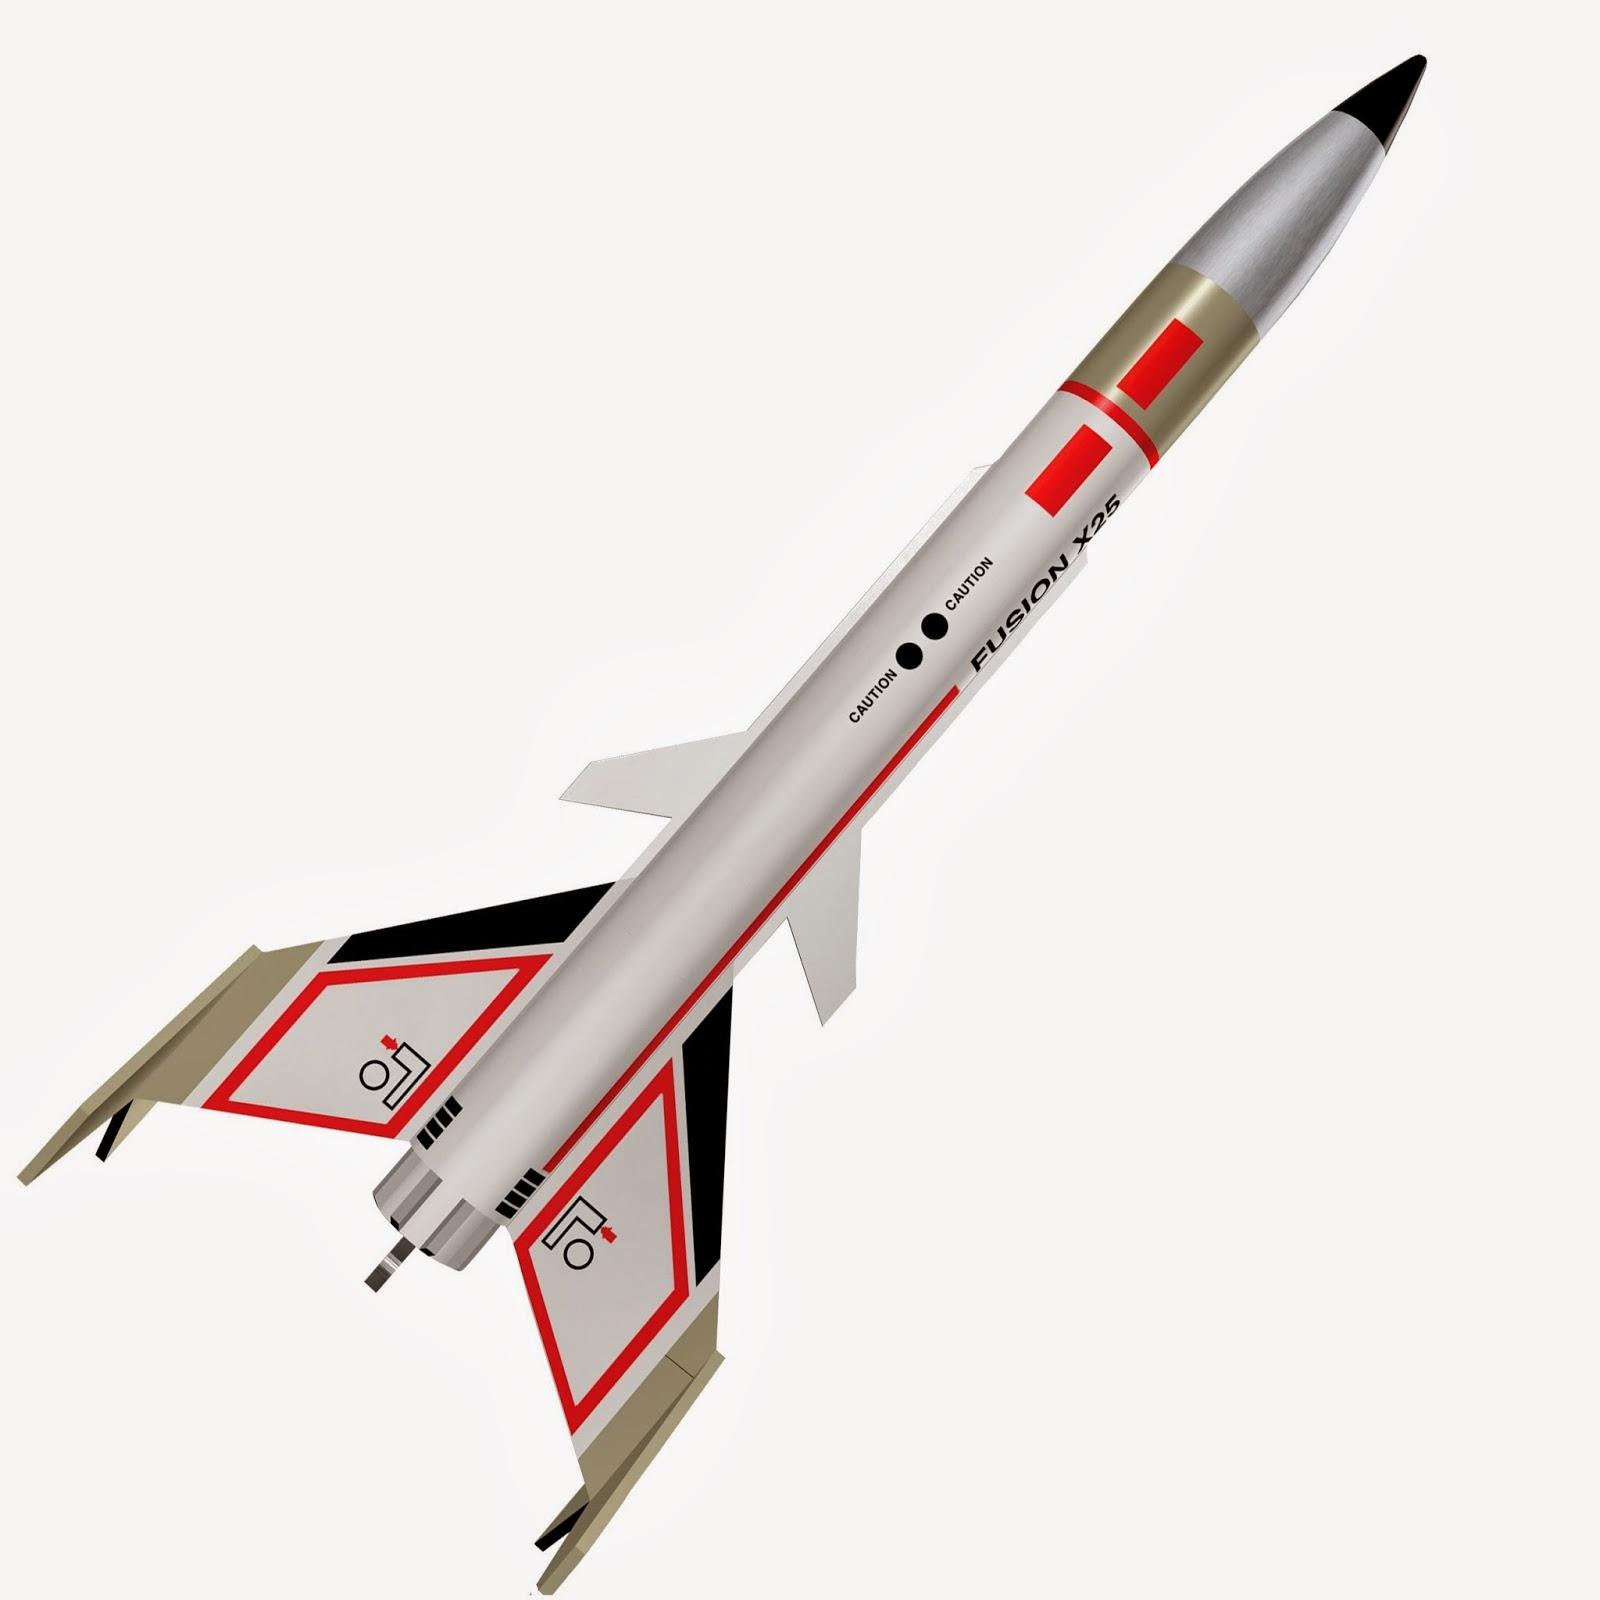 Model Rocket Building Kit Design Inspiration